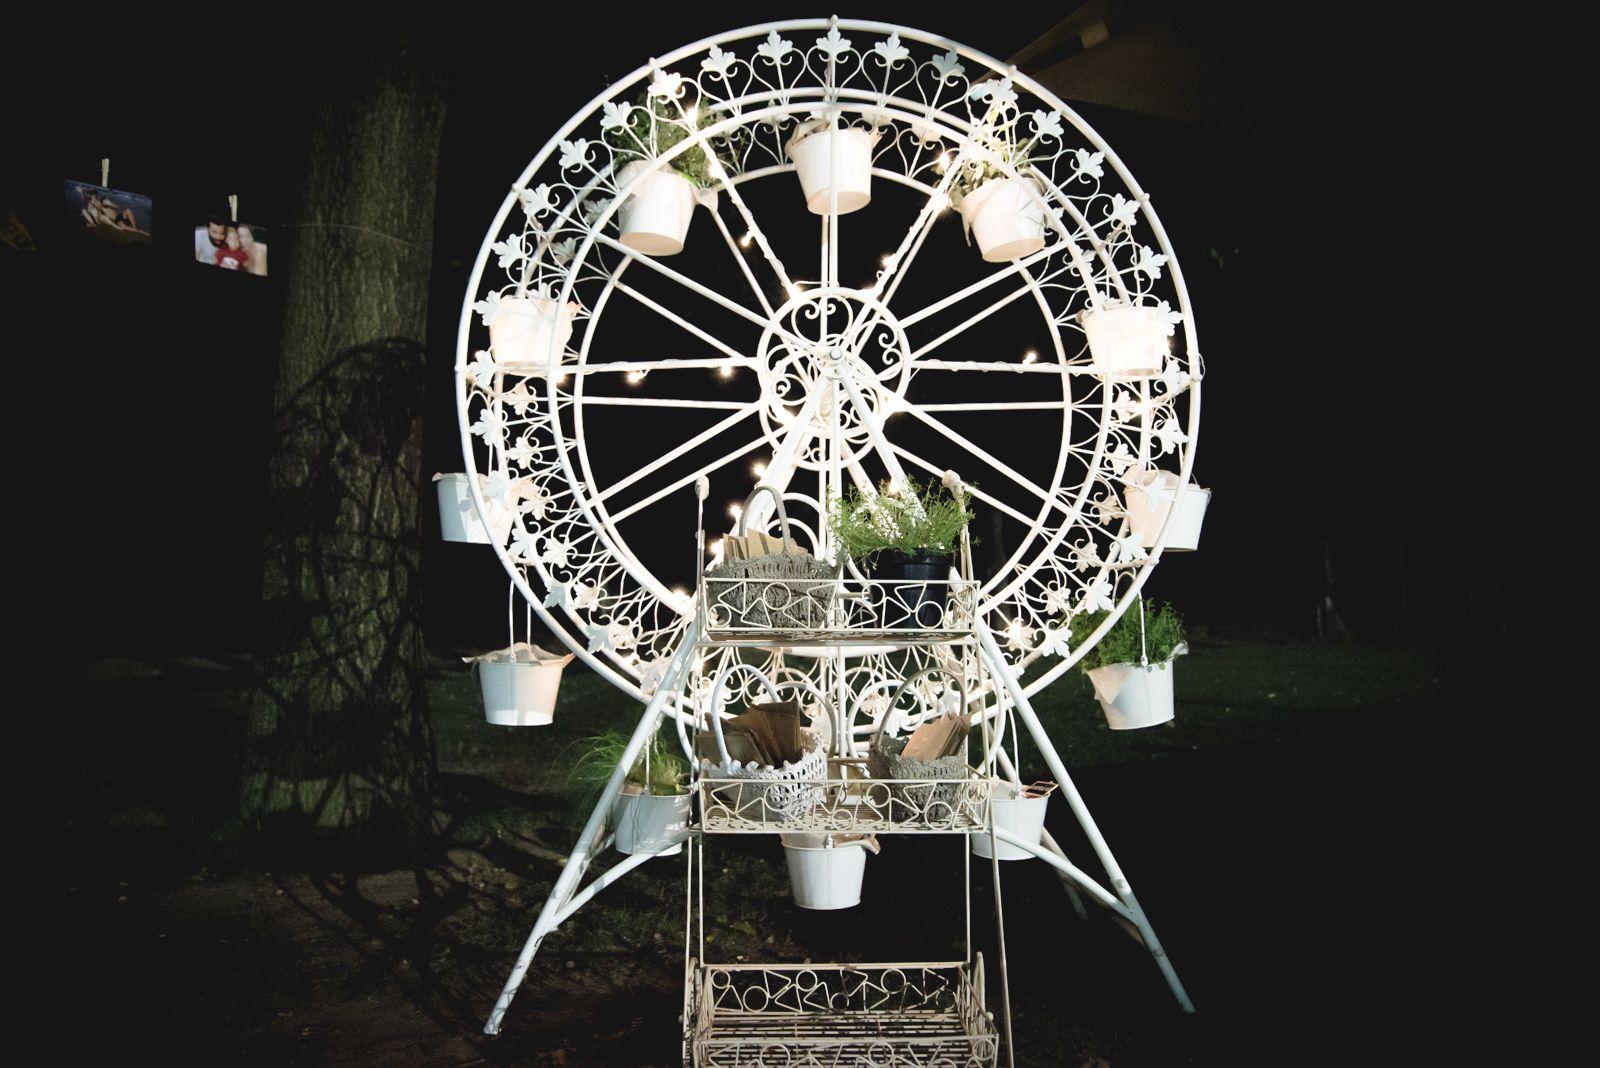 La Confettata nella nostra ruota panoramica.... #wedding #confetti #party #wheel #confettata #weddingplanner